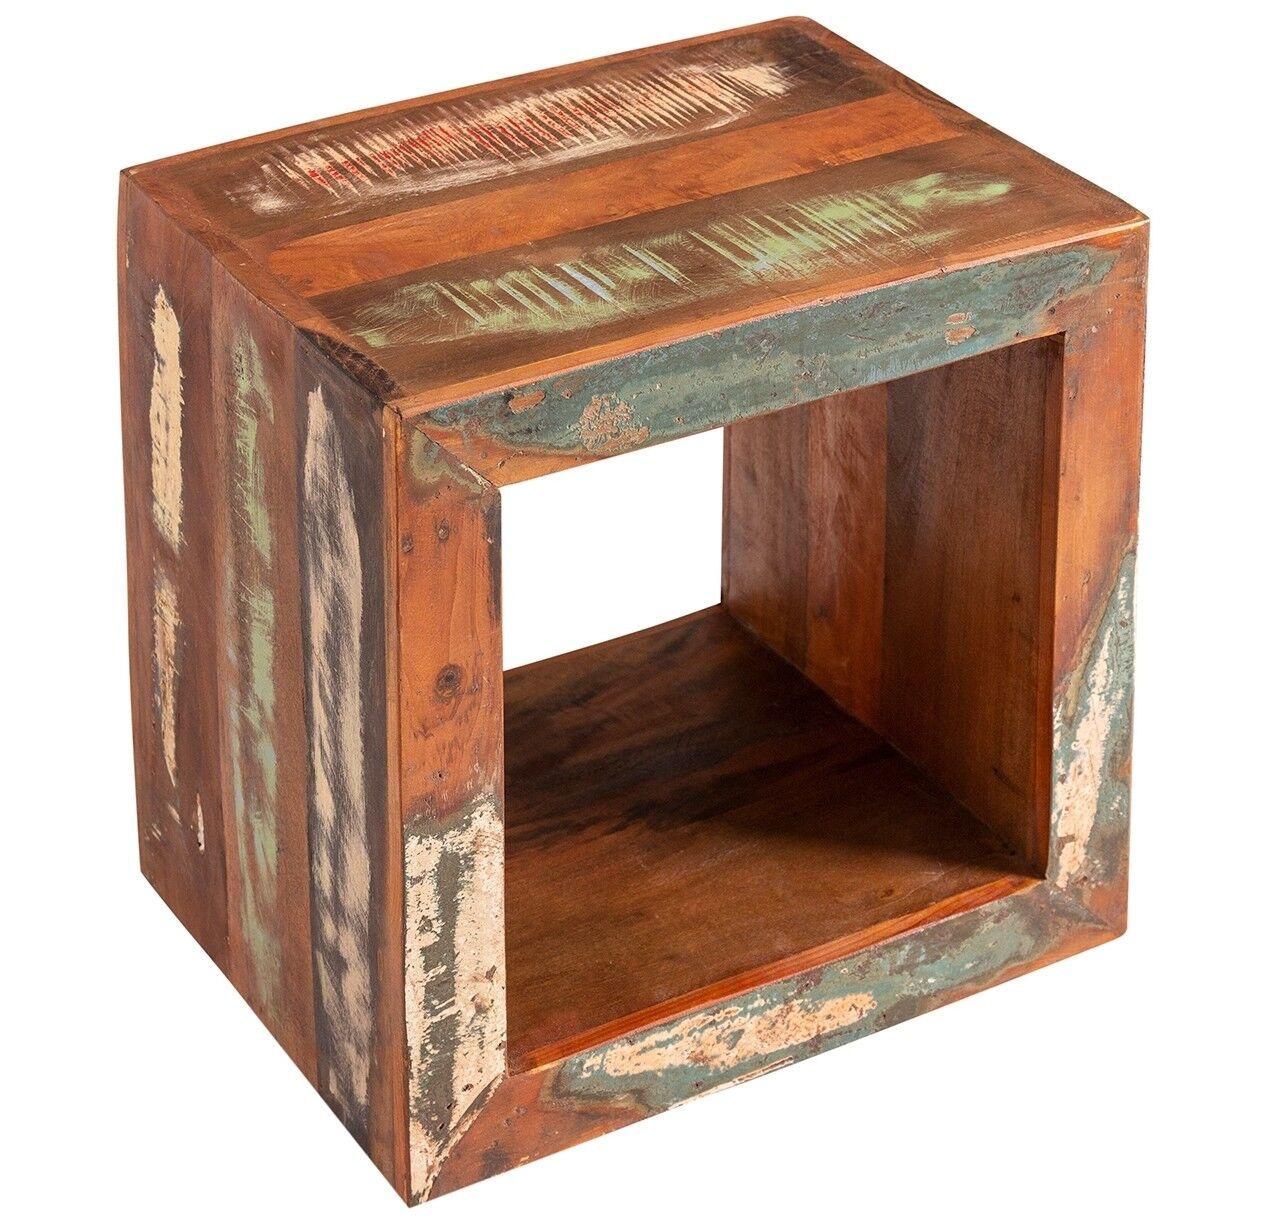 gdegdesign Table d'appoint design ou chevet de nuit en bois carré recyclé multicolore - Ajay